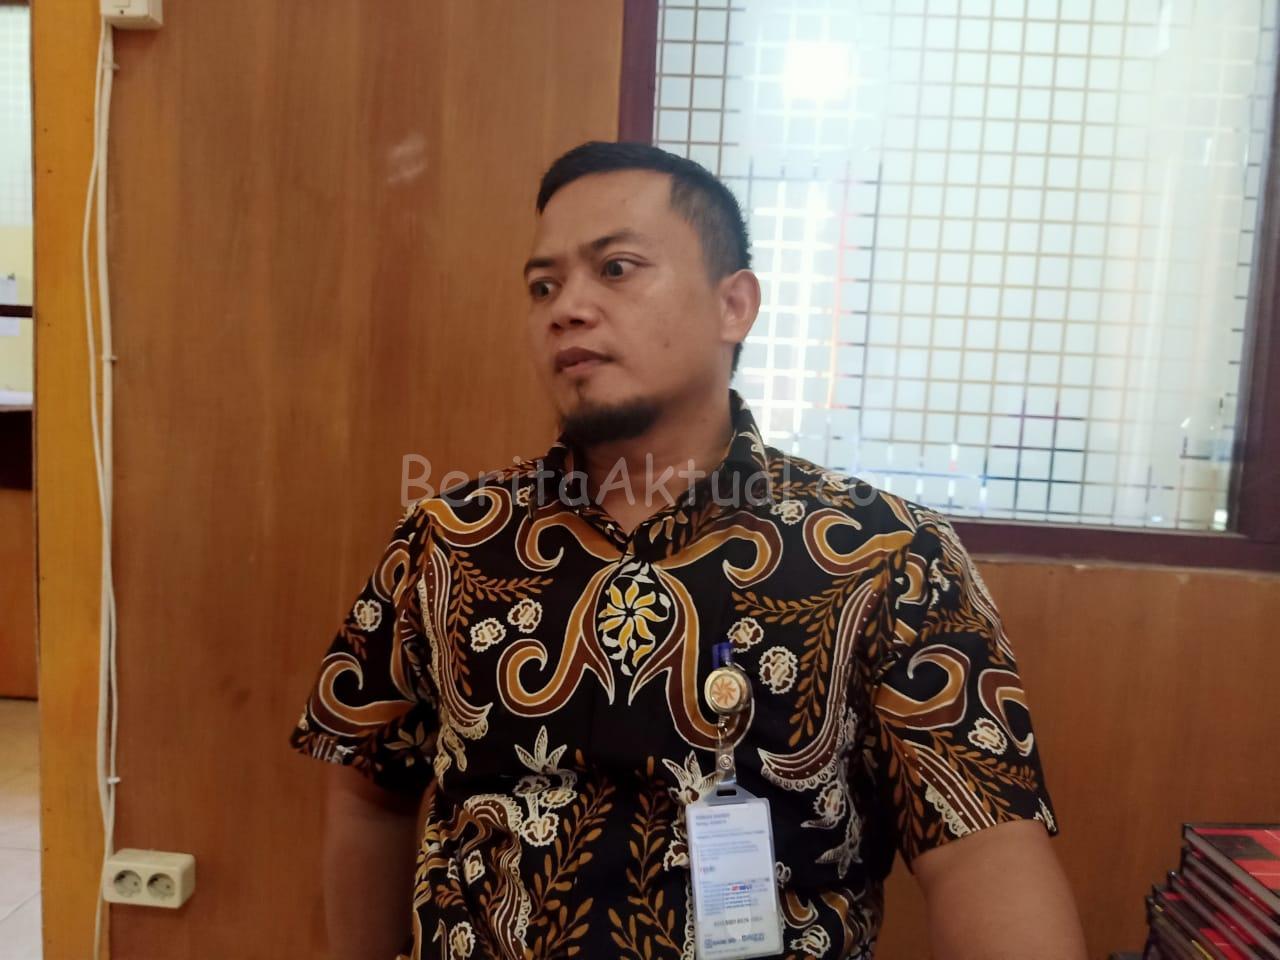 Presiden Jokowi Salurkan Paket Bapok Untuk Manokwari, Kota Sorong Dan Pegaf 17 IMG 20200319 WA0037